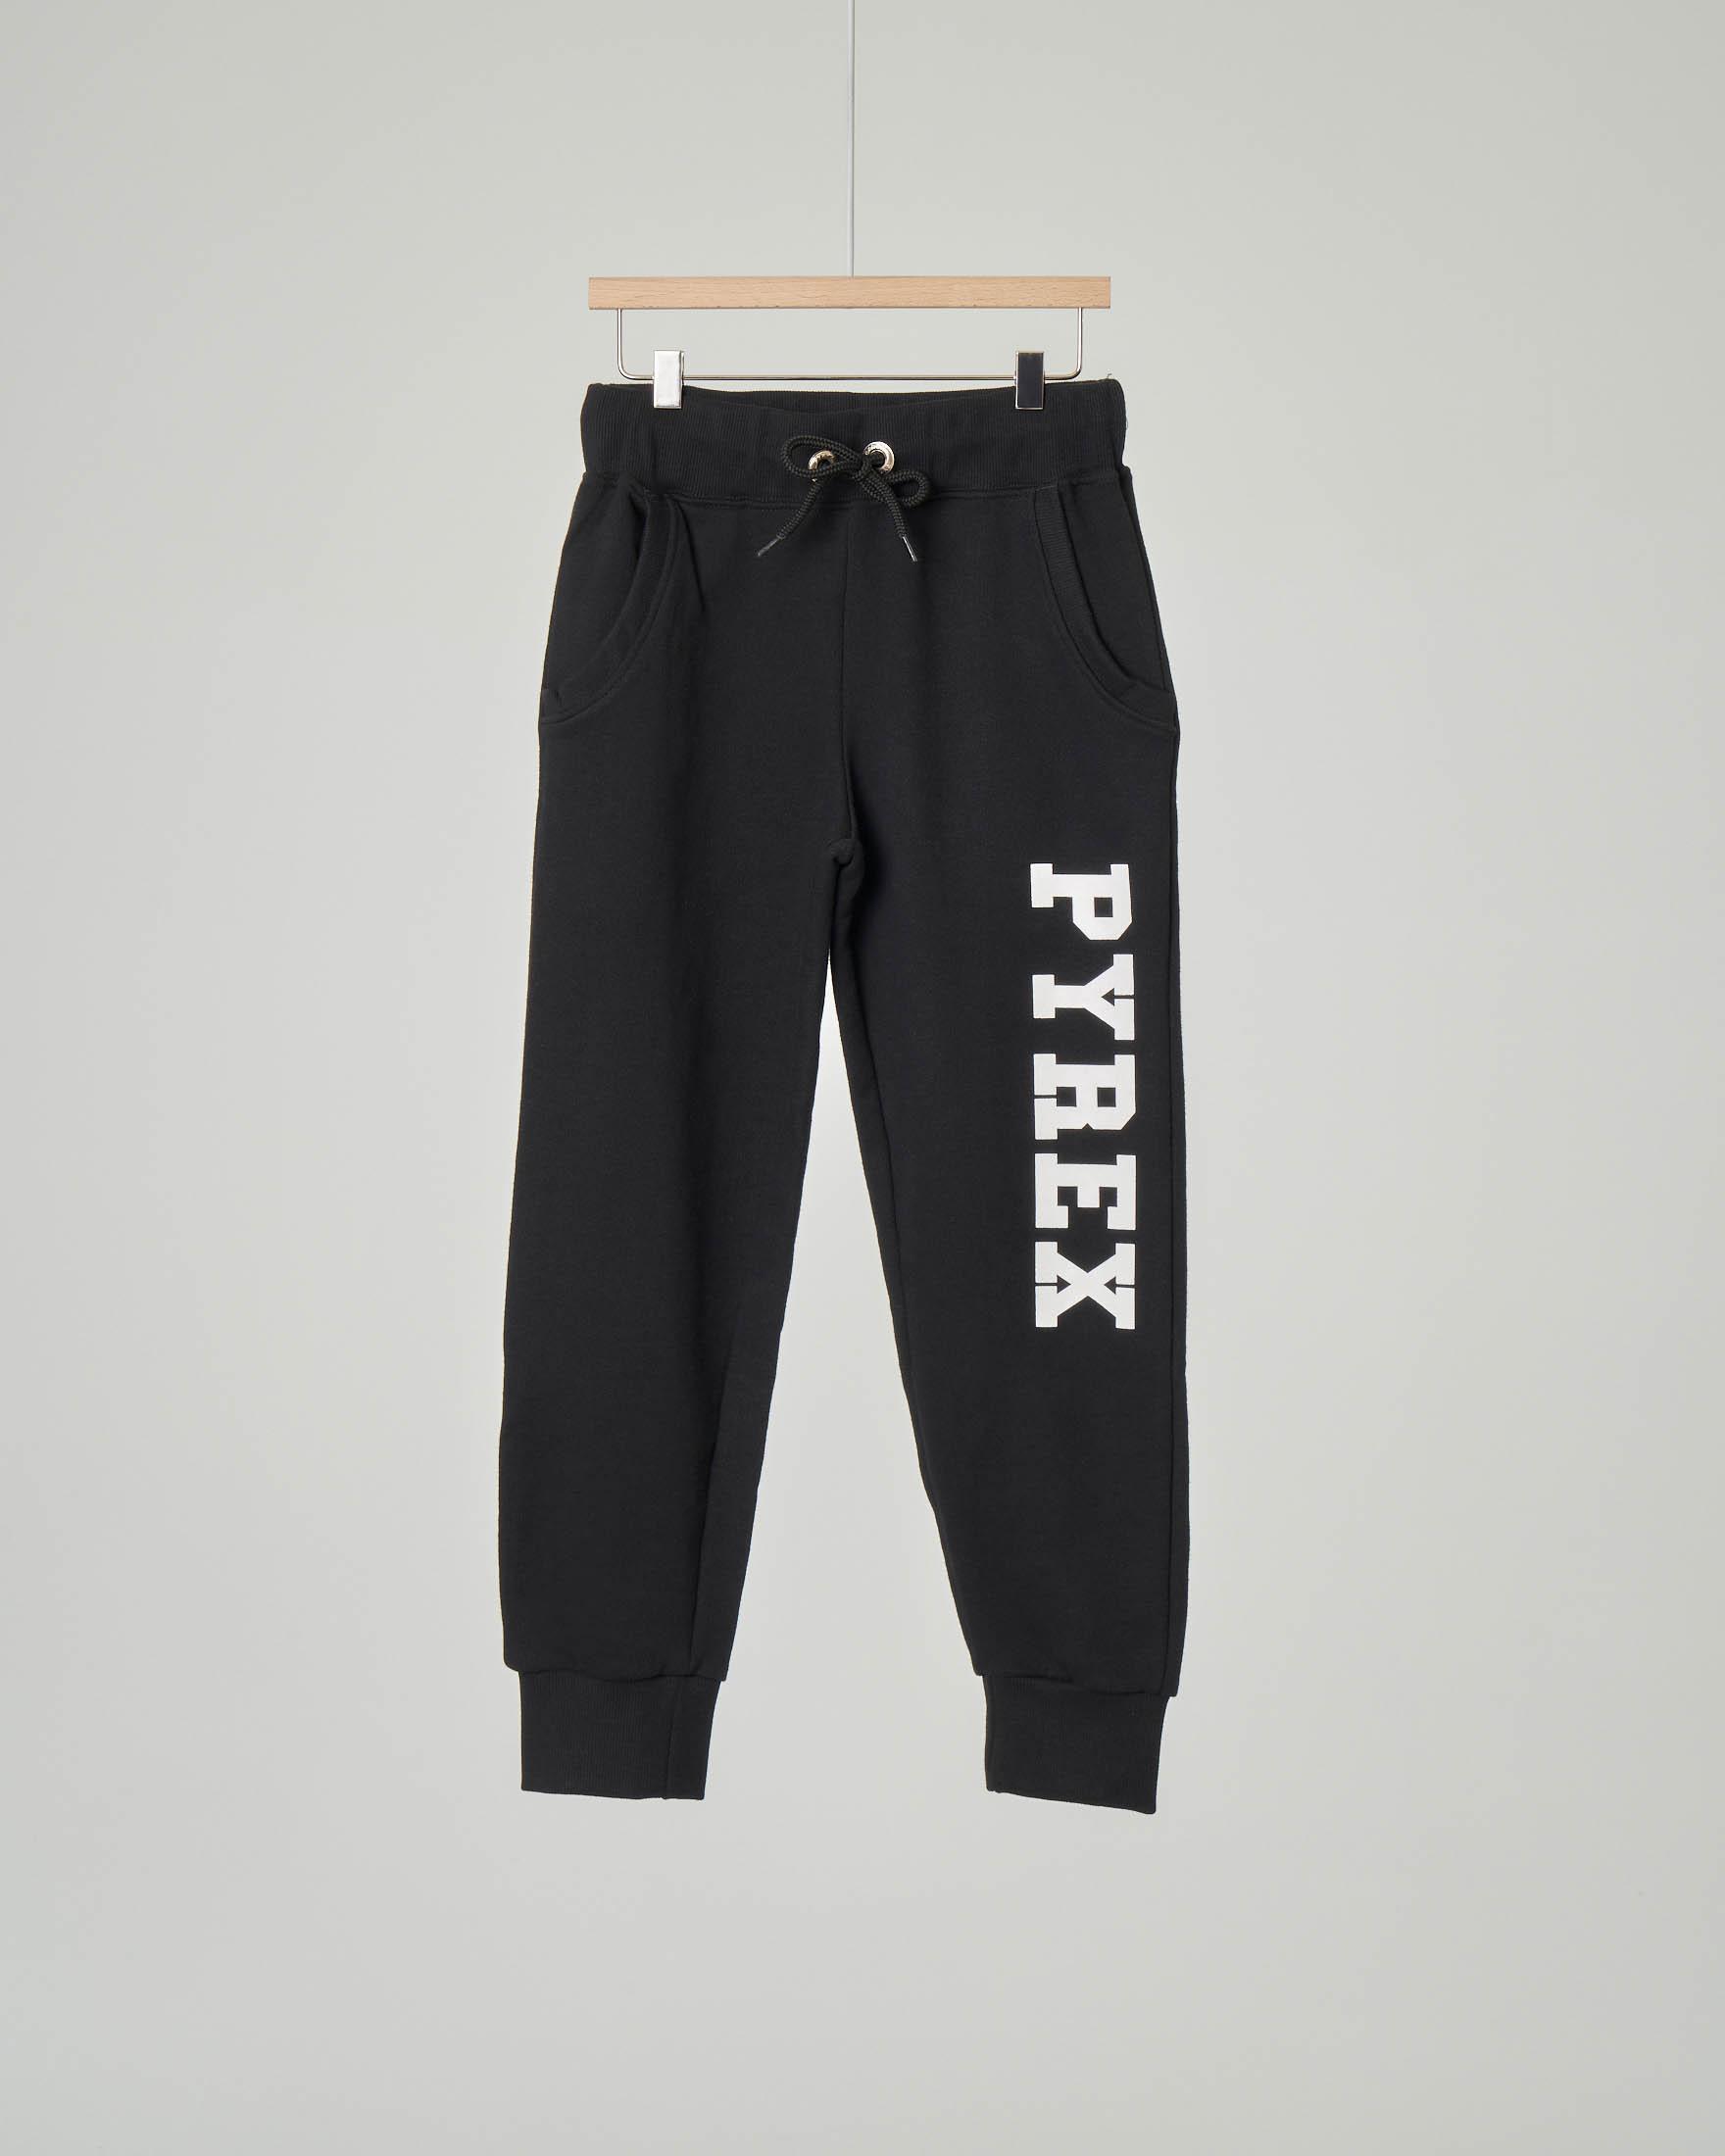 Pantalone nero in felpa con logo sulla gamba